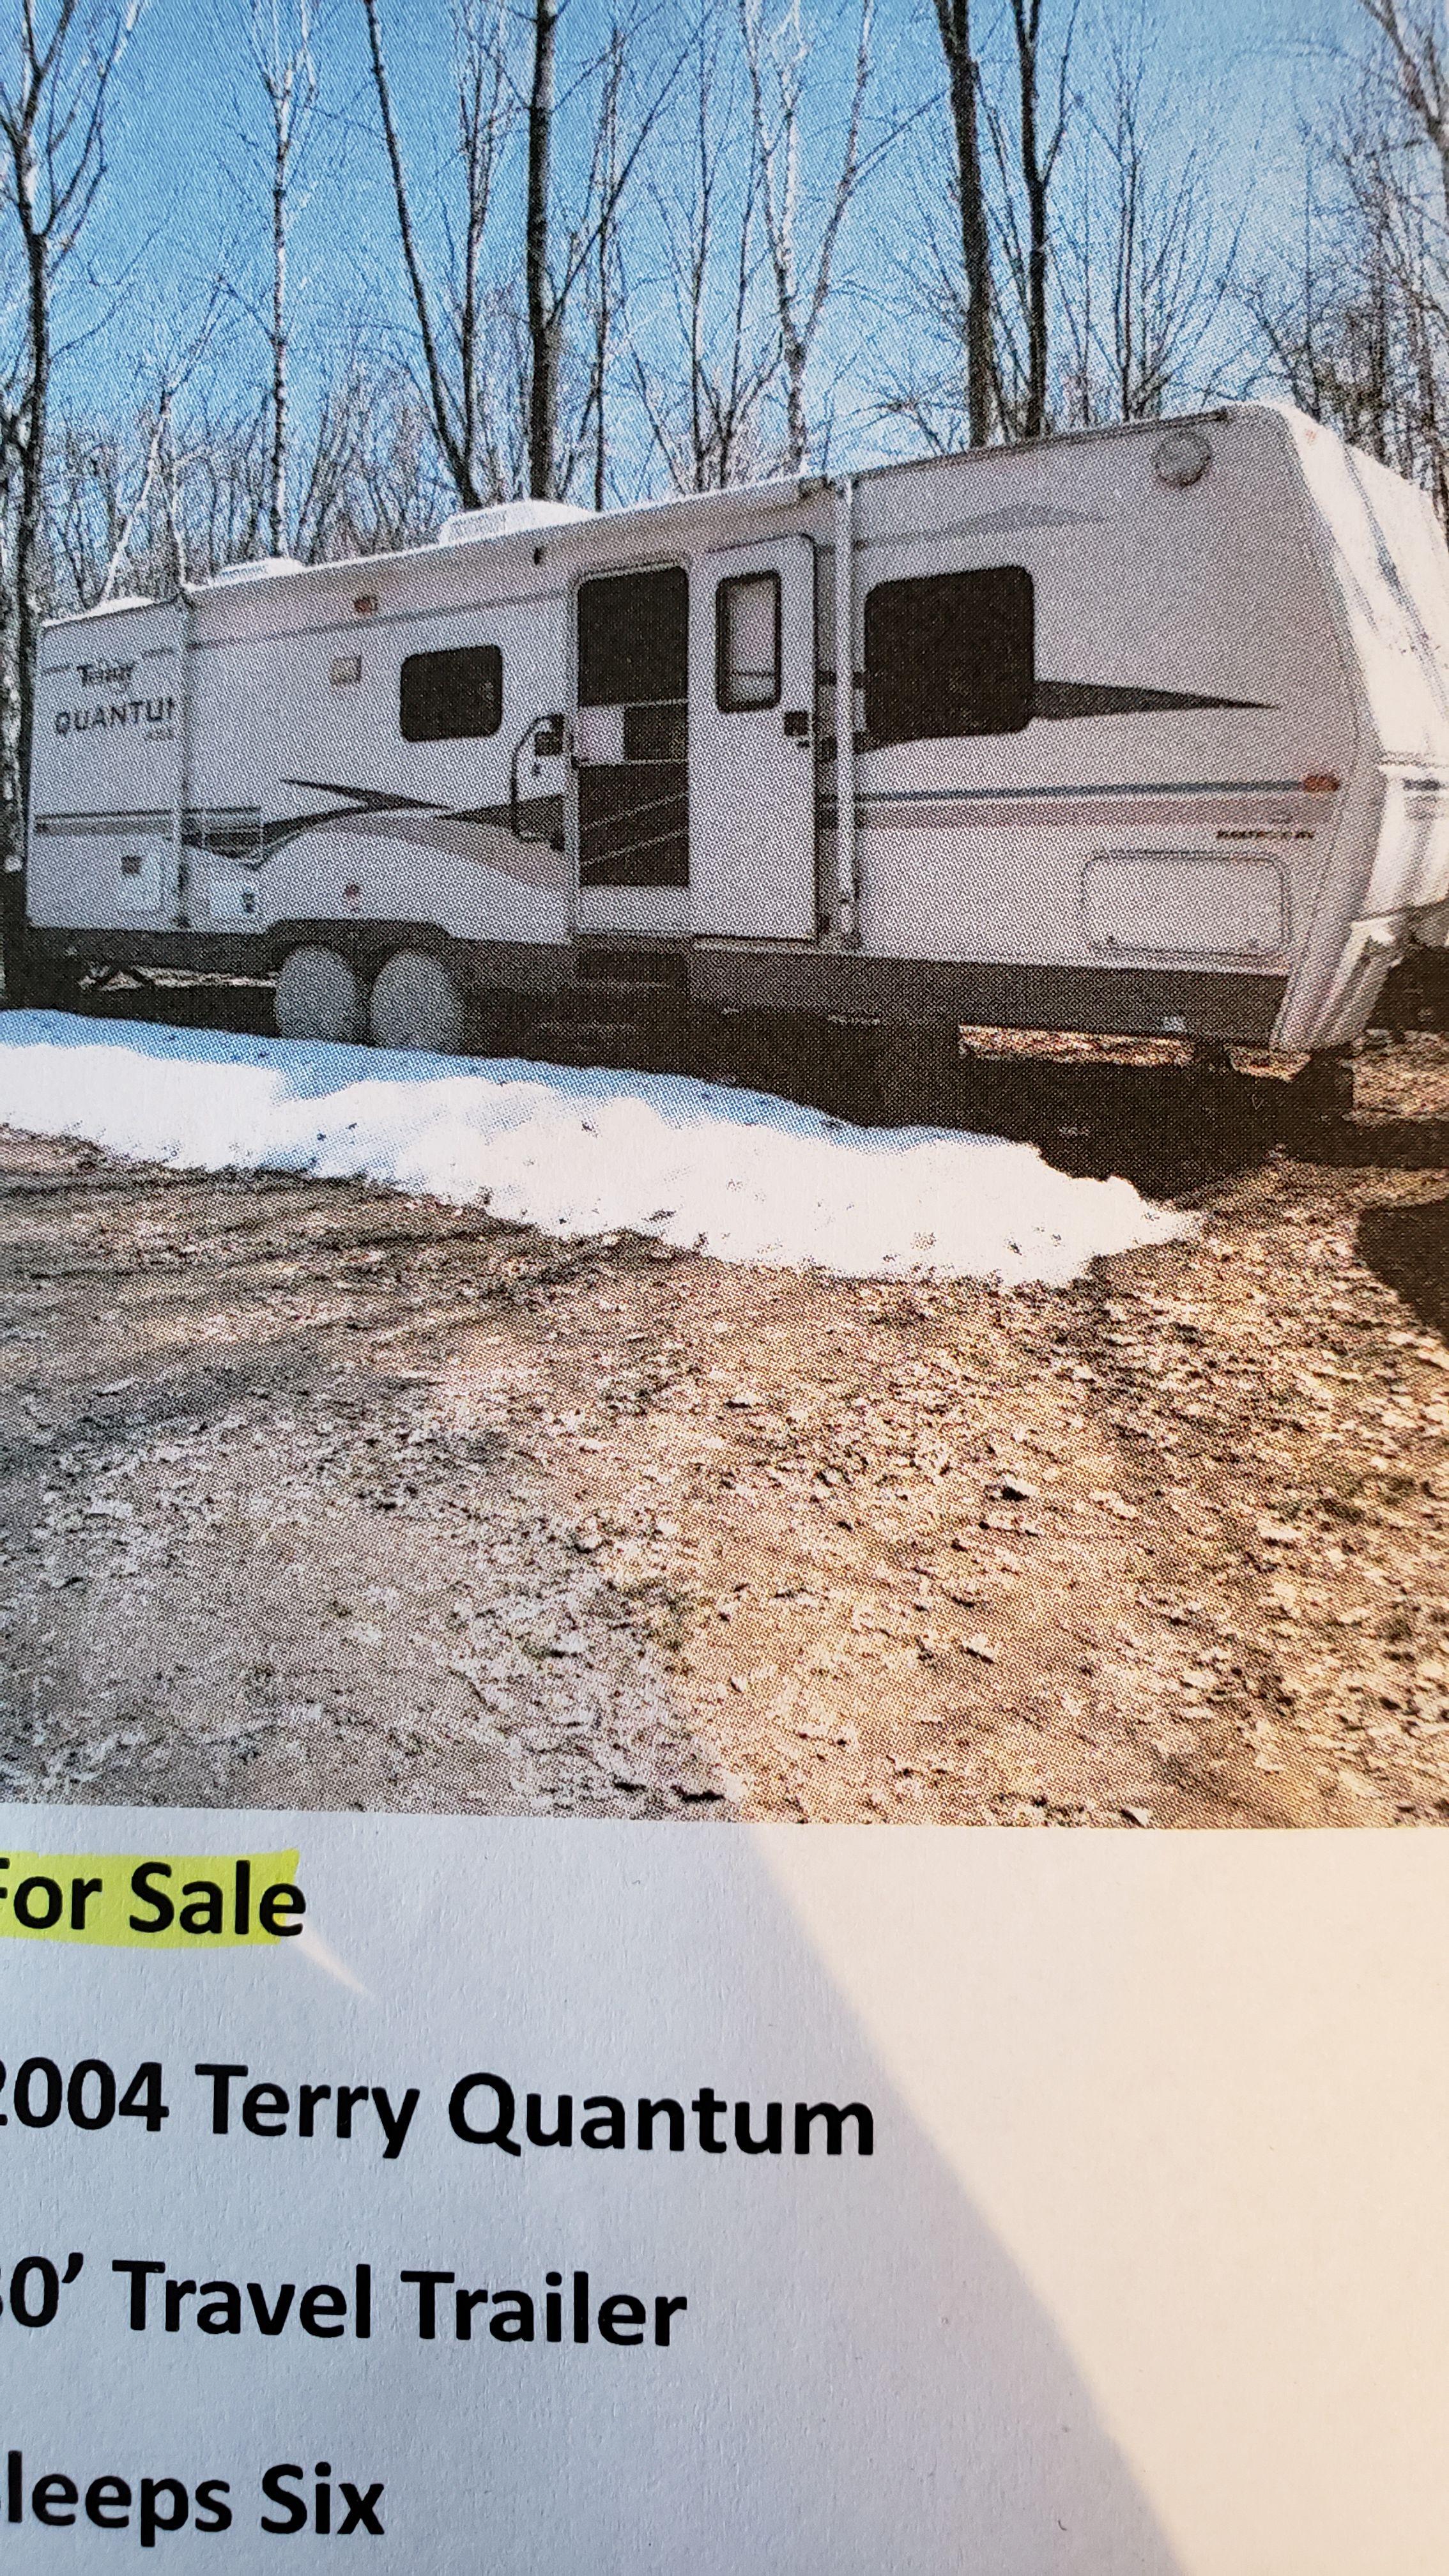 2004 Terry Quatum Camper for sale image 1